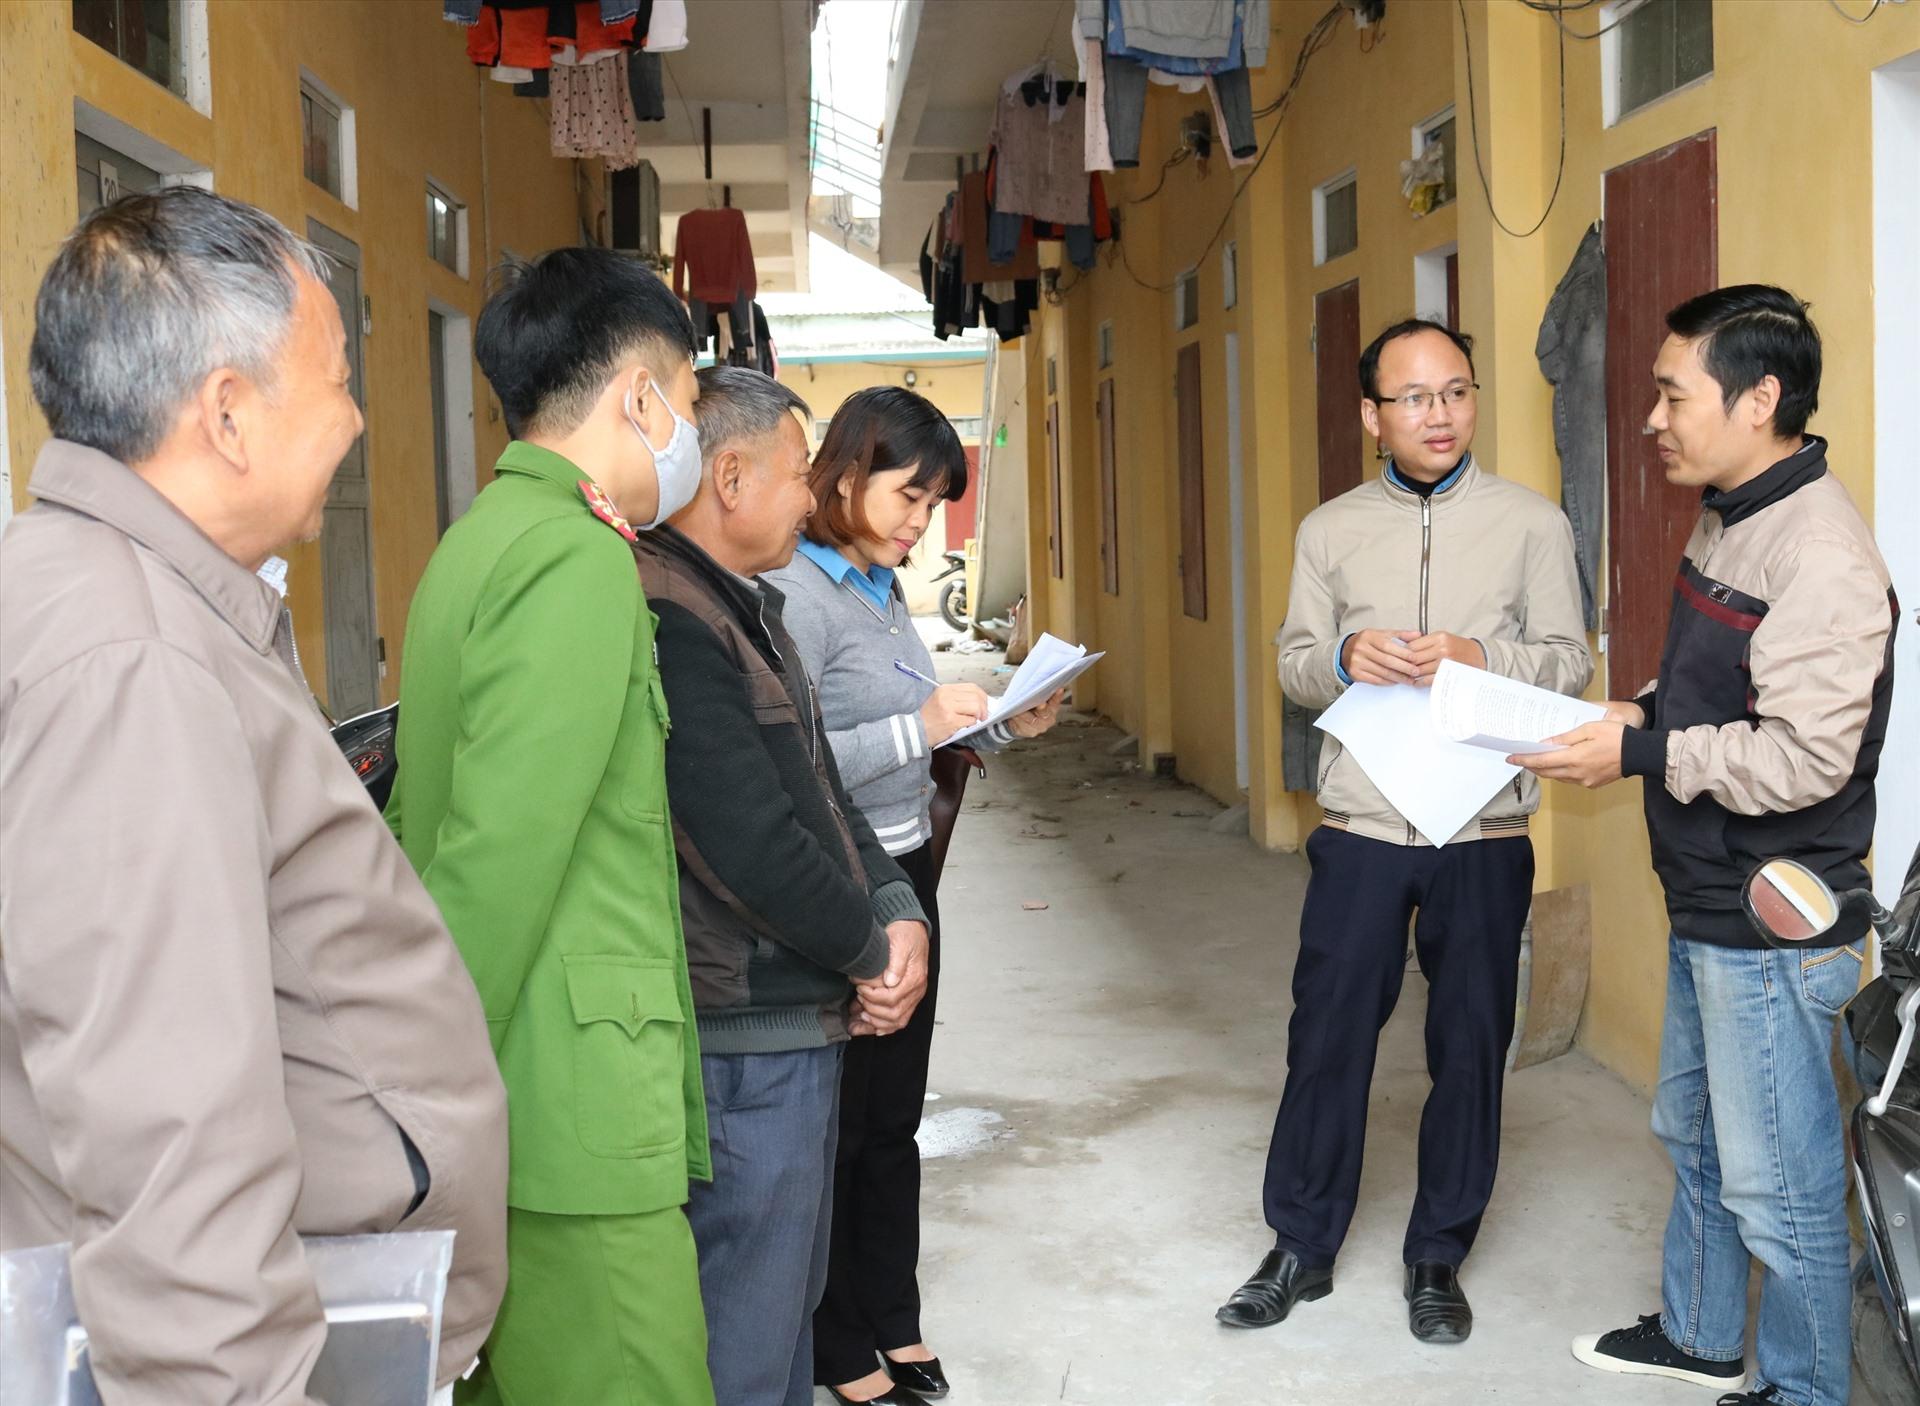 Lãnh đạo CĐ các KCN tỉnh Ninh Bình vận động các chủ nhà trọ trên địa bàn thành phố Ninh Bình giảm tiền thuê phòng cho CNLĐ. Ảnh: NT